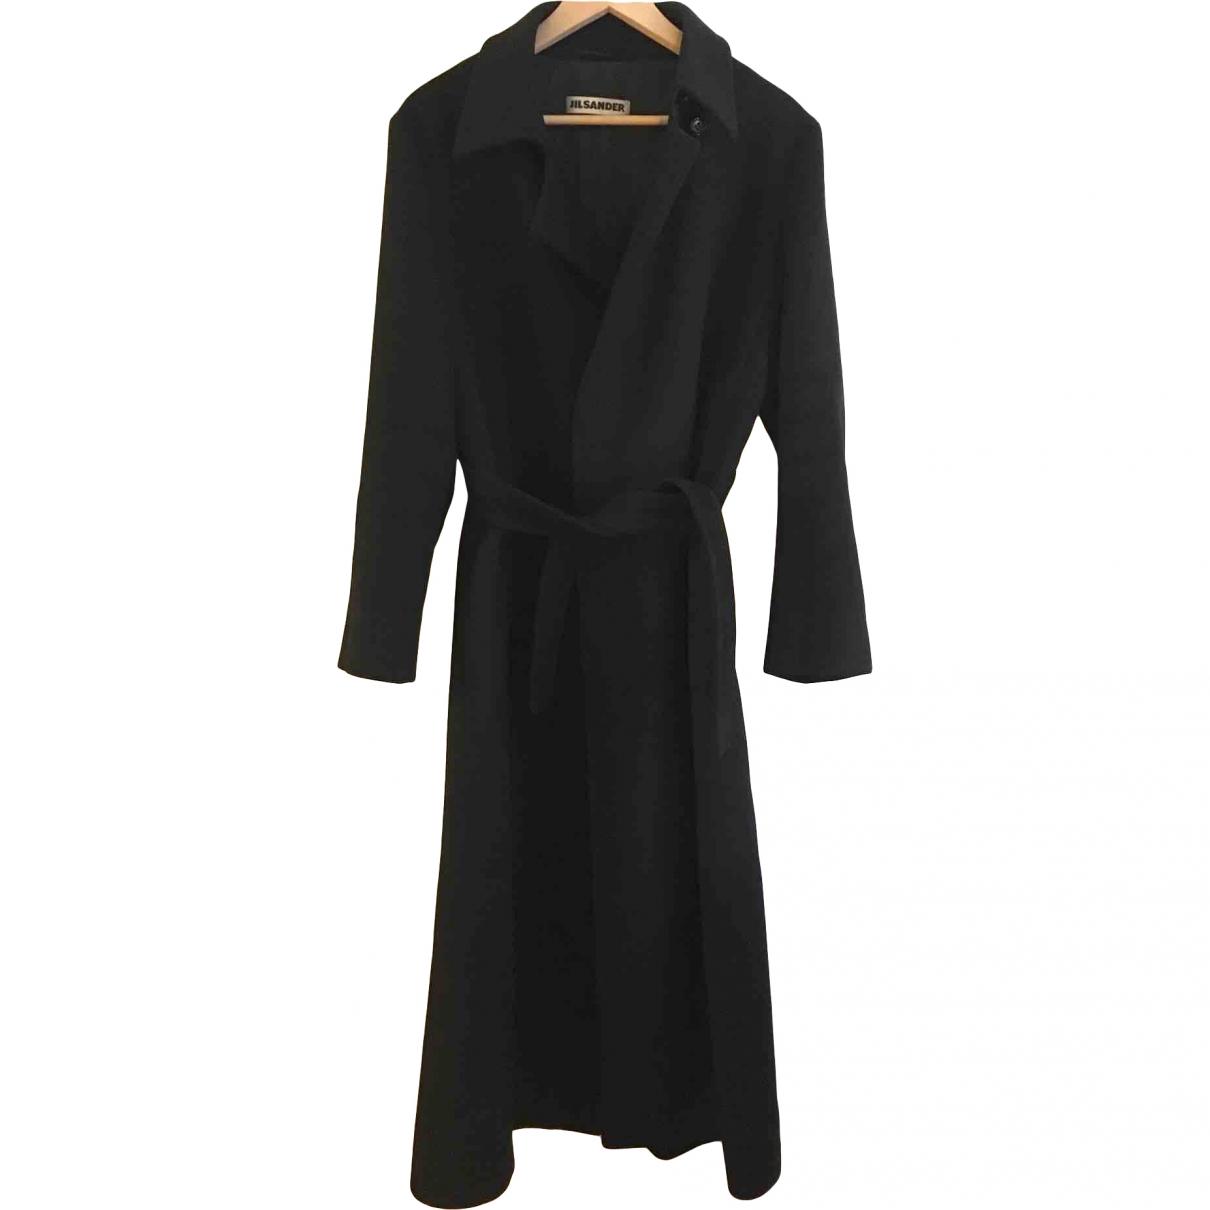 Jil Sander \N Black Cashmere coat for Women 42 FR